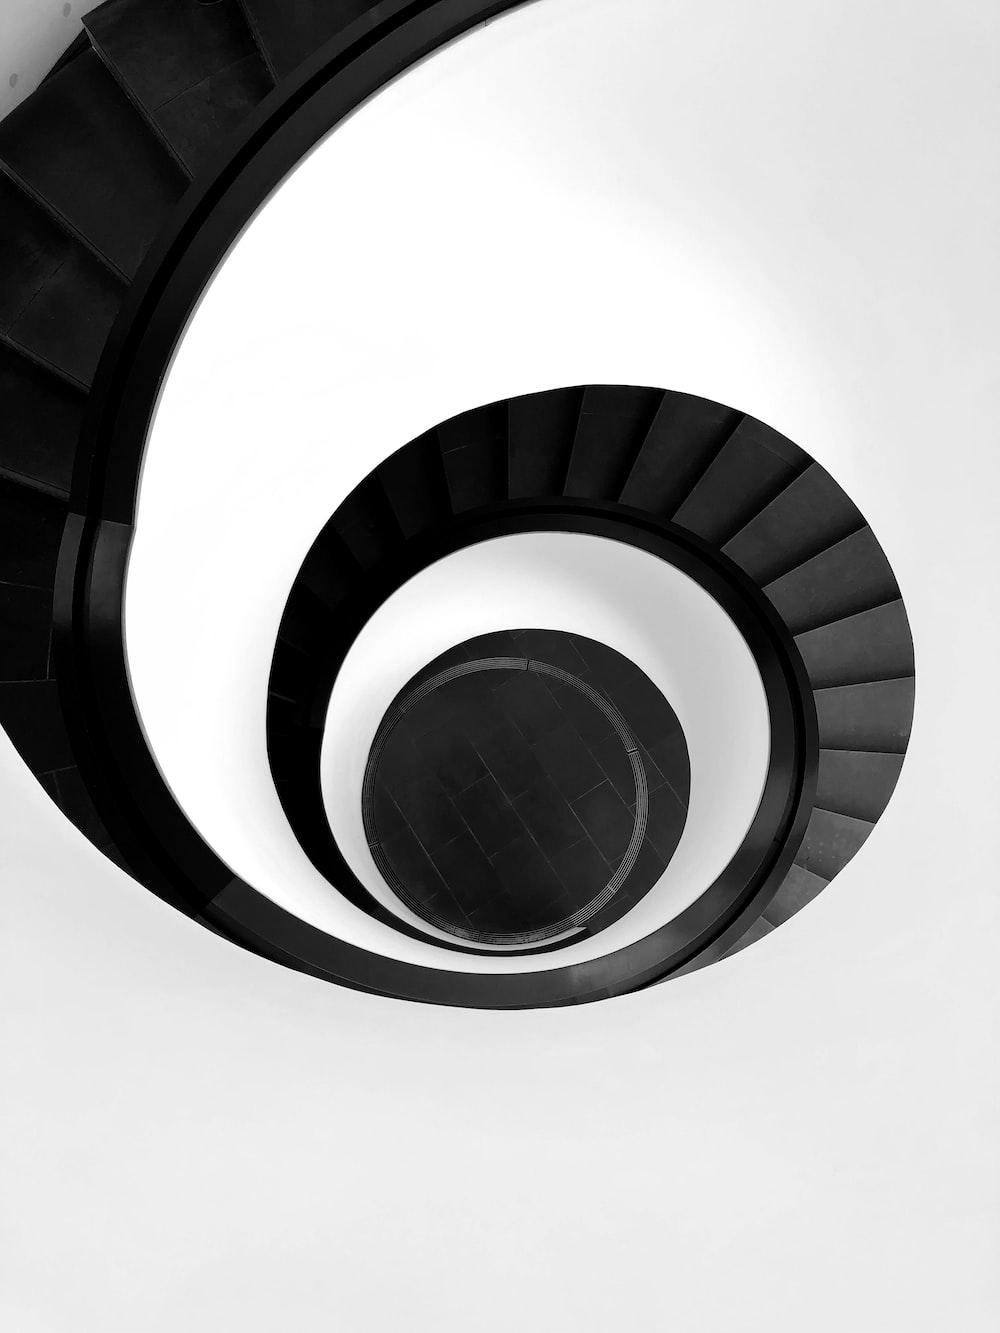 spiral stairway illustration